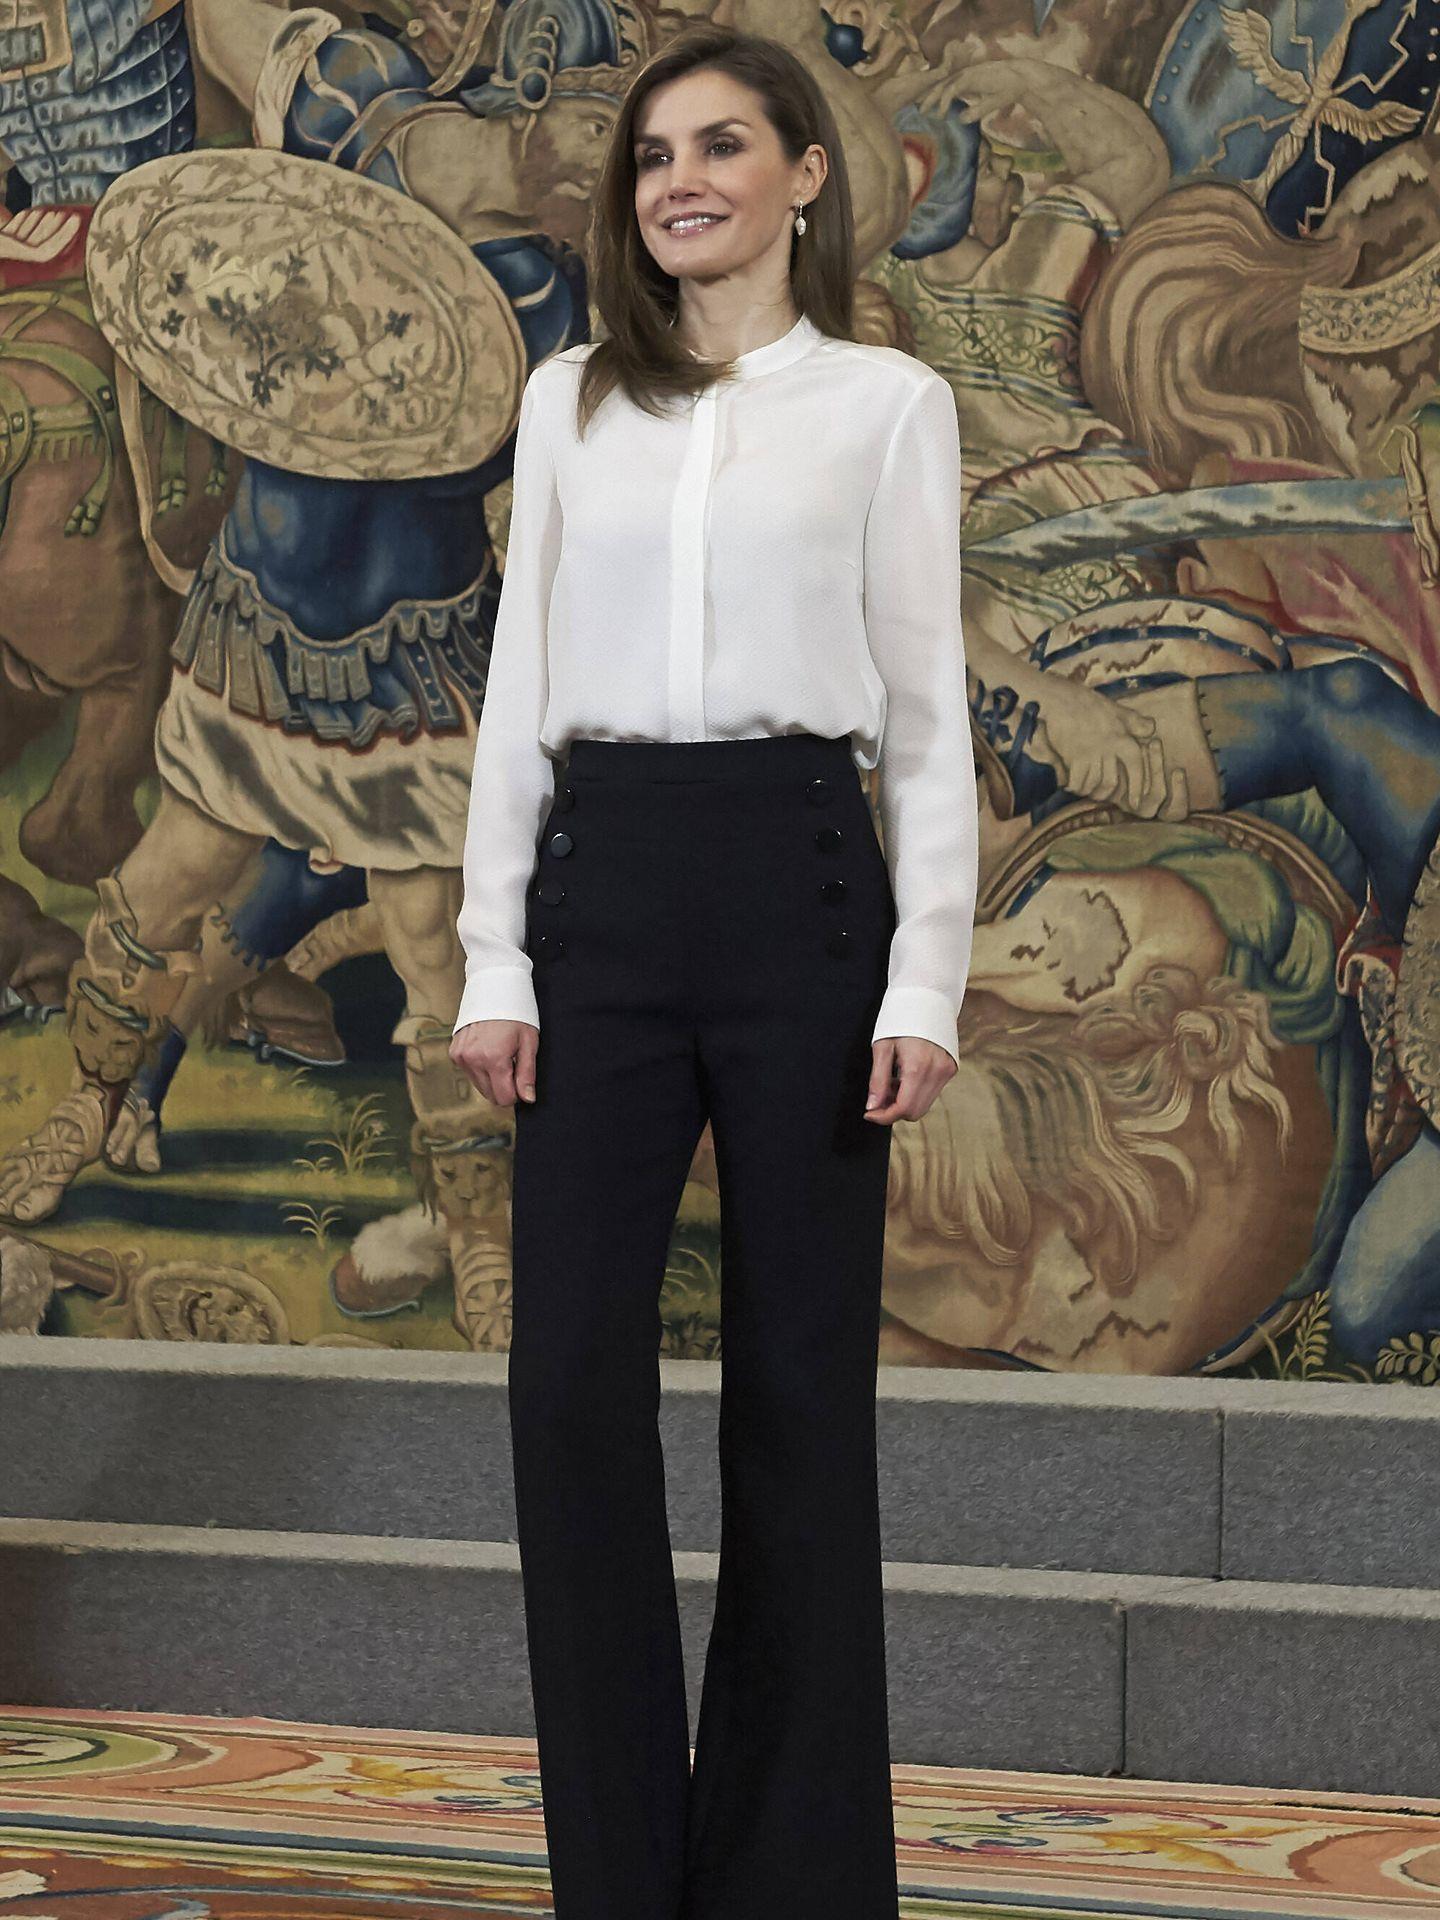 La reina Letizia, con un estilismo de camisa blanca en el Palacio de la Zarzuela. (Getty)